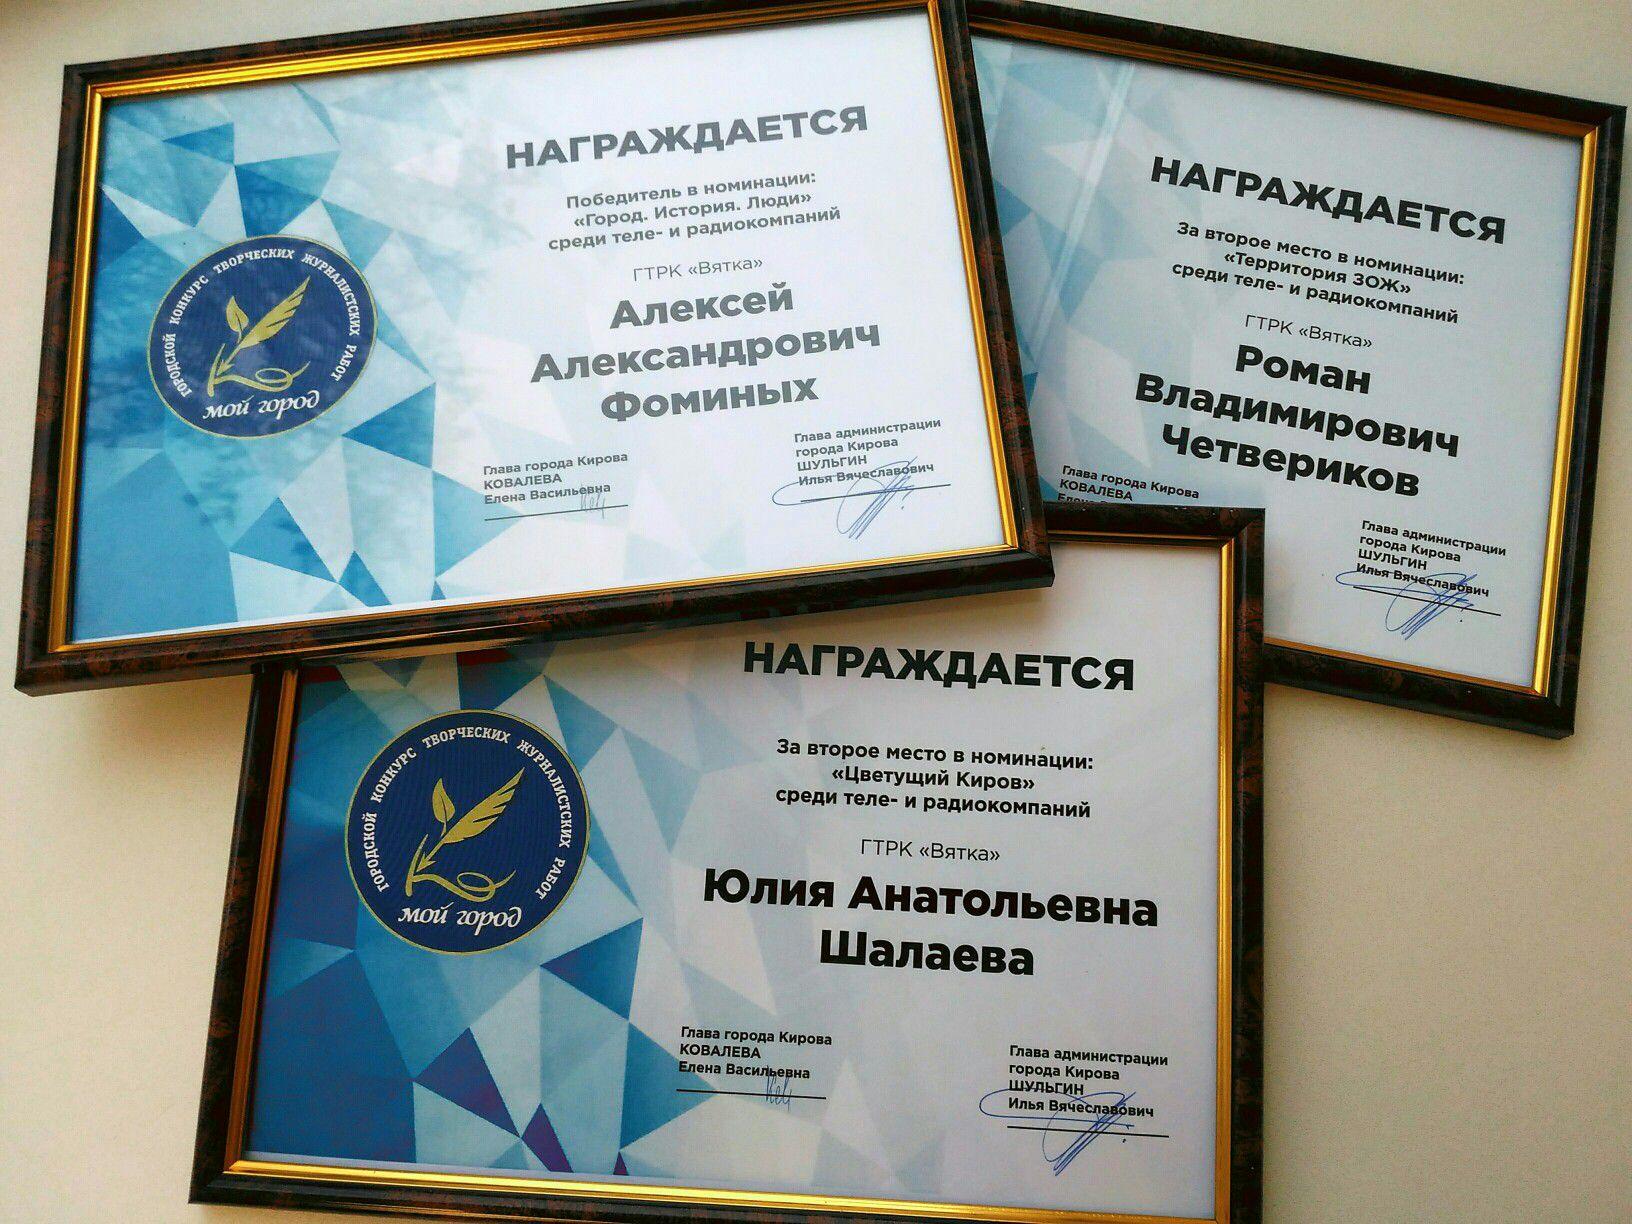 Итоги десятого городского конкурса журналистов «Мой город»